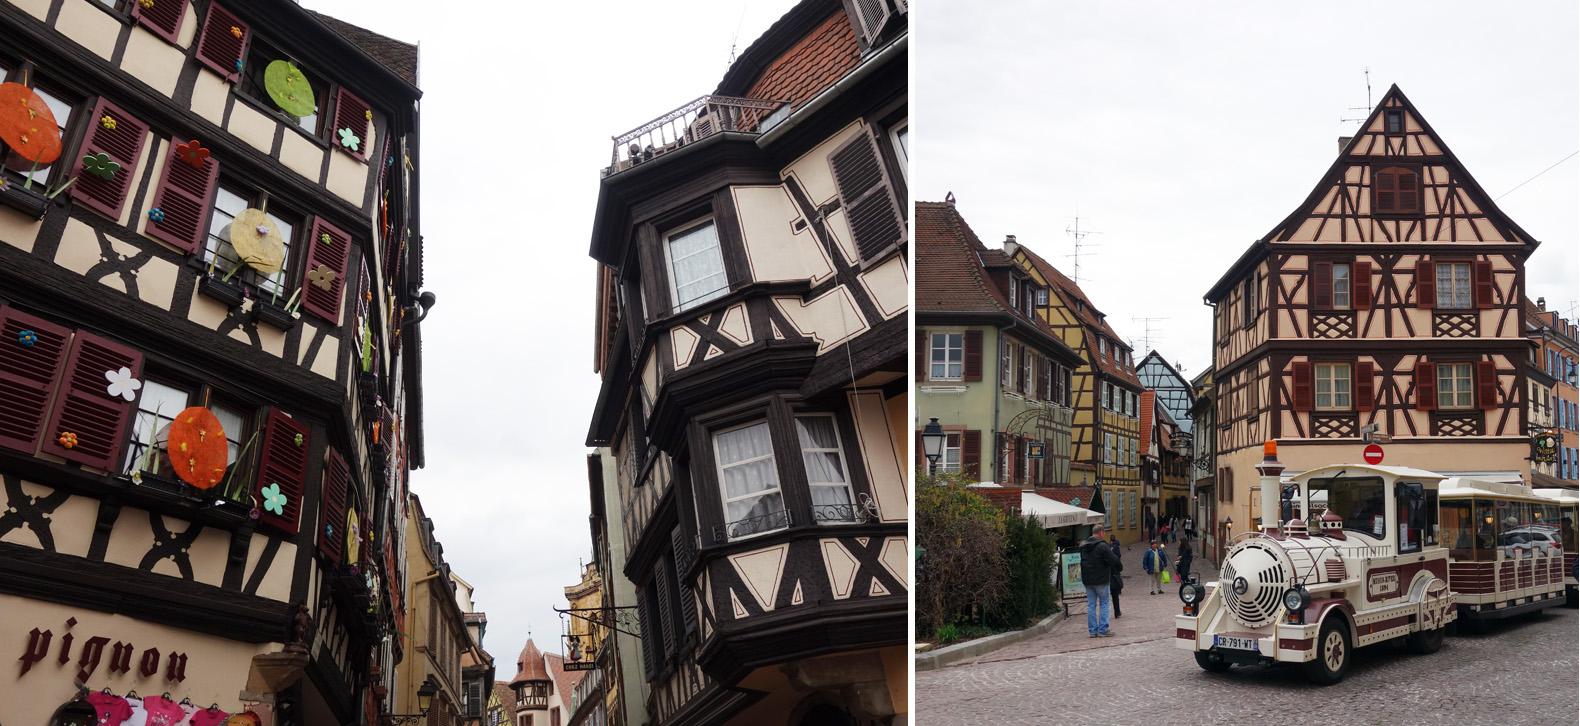 Voyages-et-compagnie.com | Colmar, Alsace